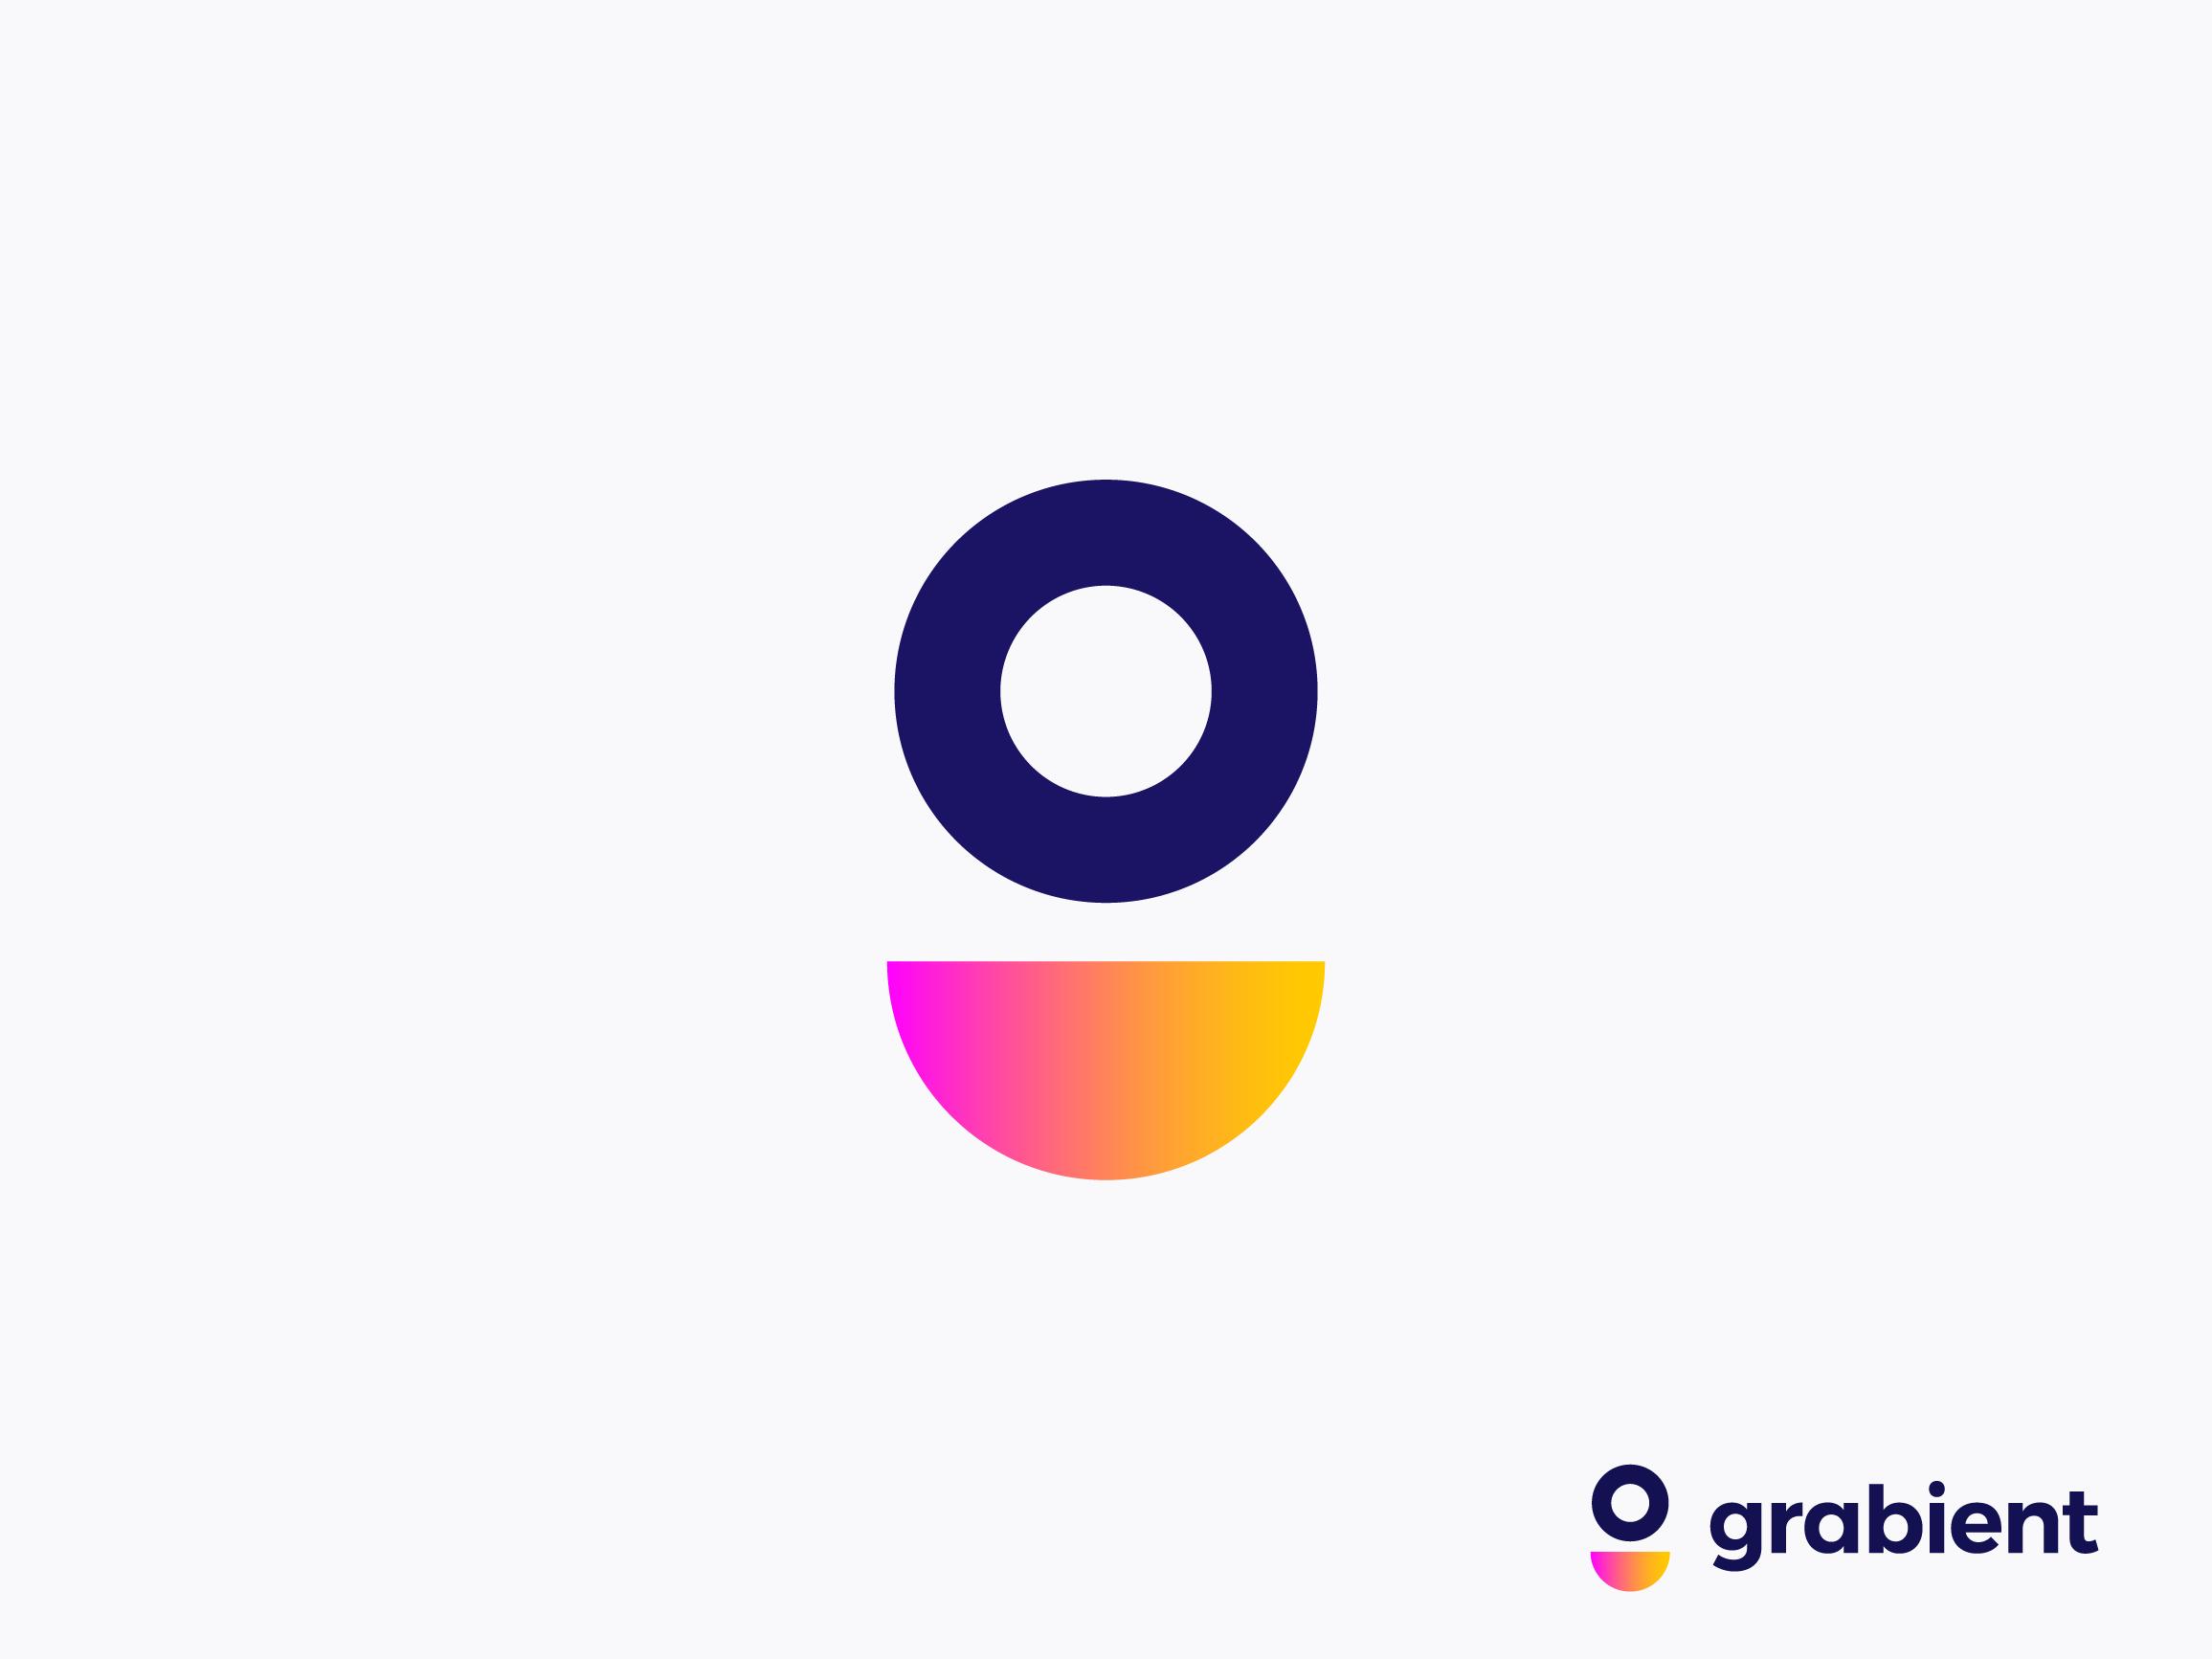 Grabient 40